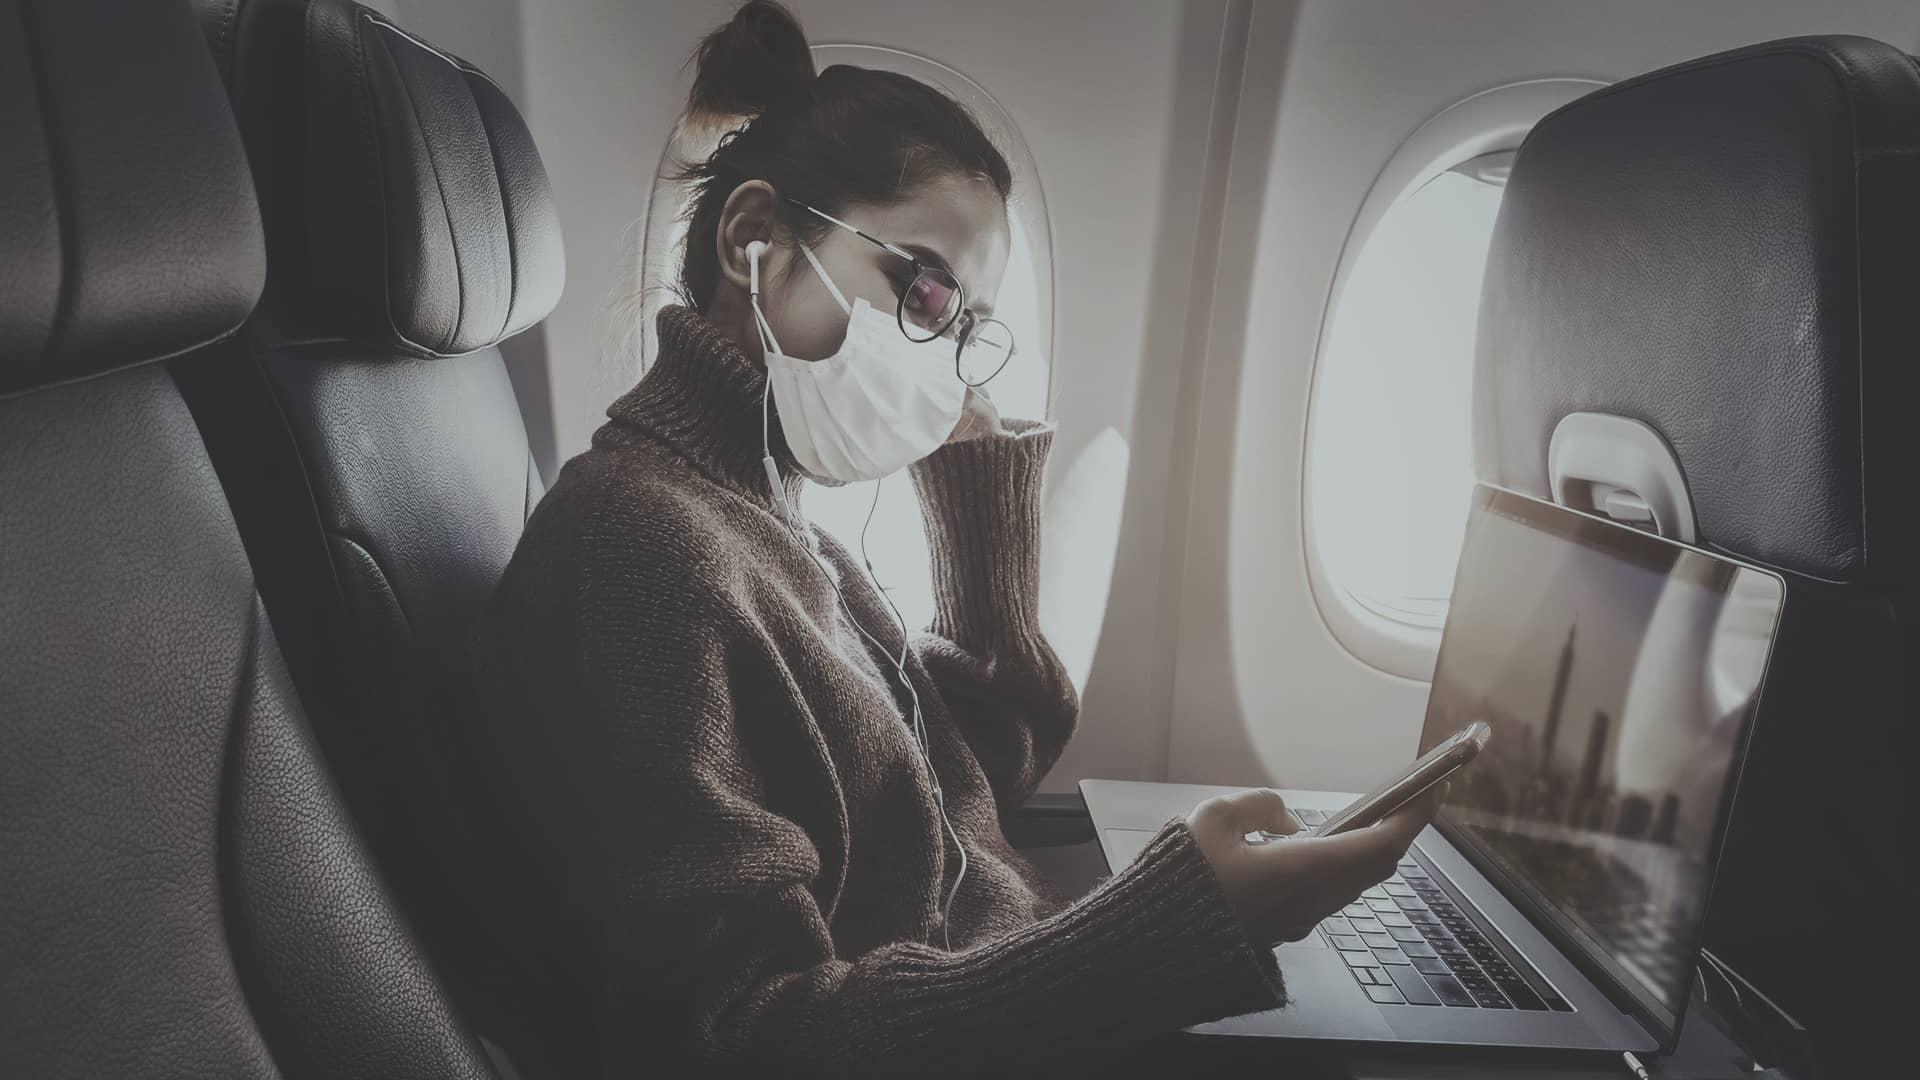 Seguros de viaje - Coronavirus ¿Qué coberturas ofrecen?